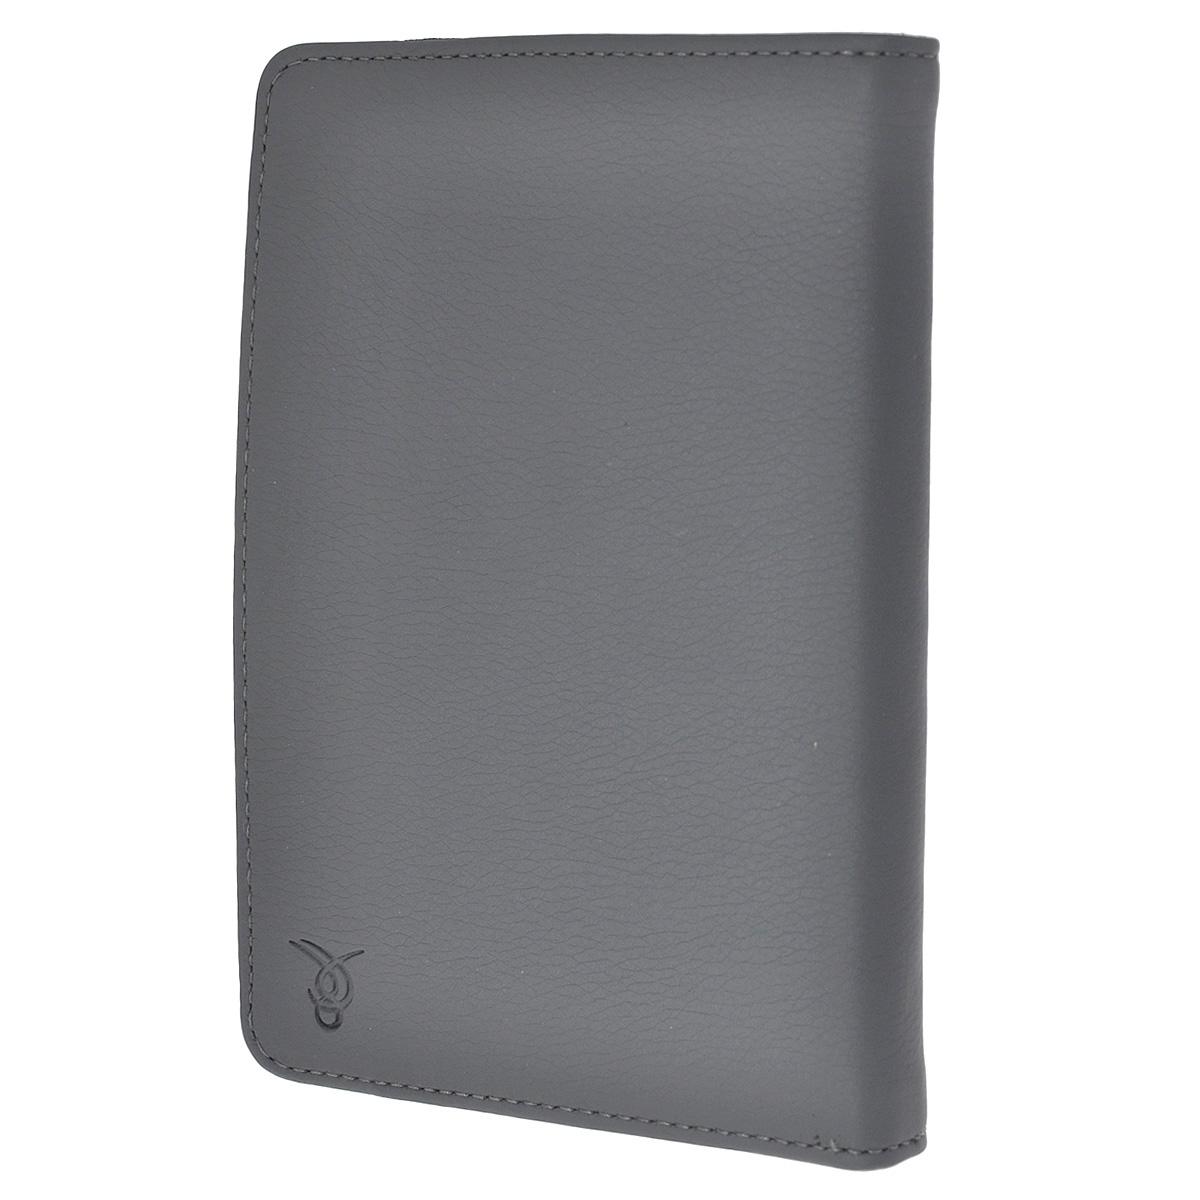 Vivacase кожаный чехол-обложка для PocketBook 641/640/631/626/625/624/623/622/615/614, Grey